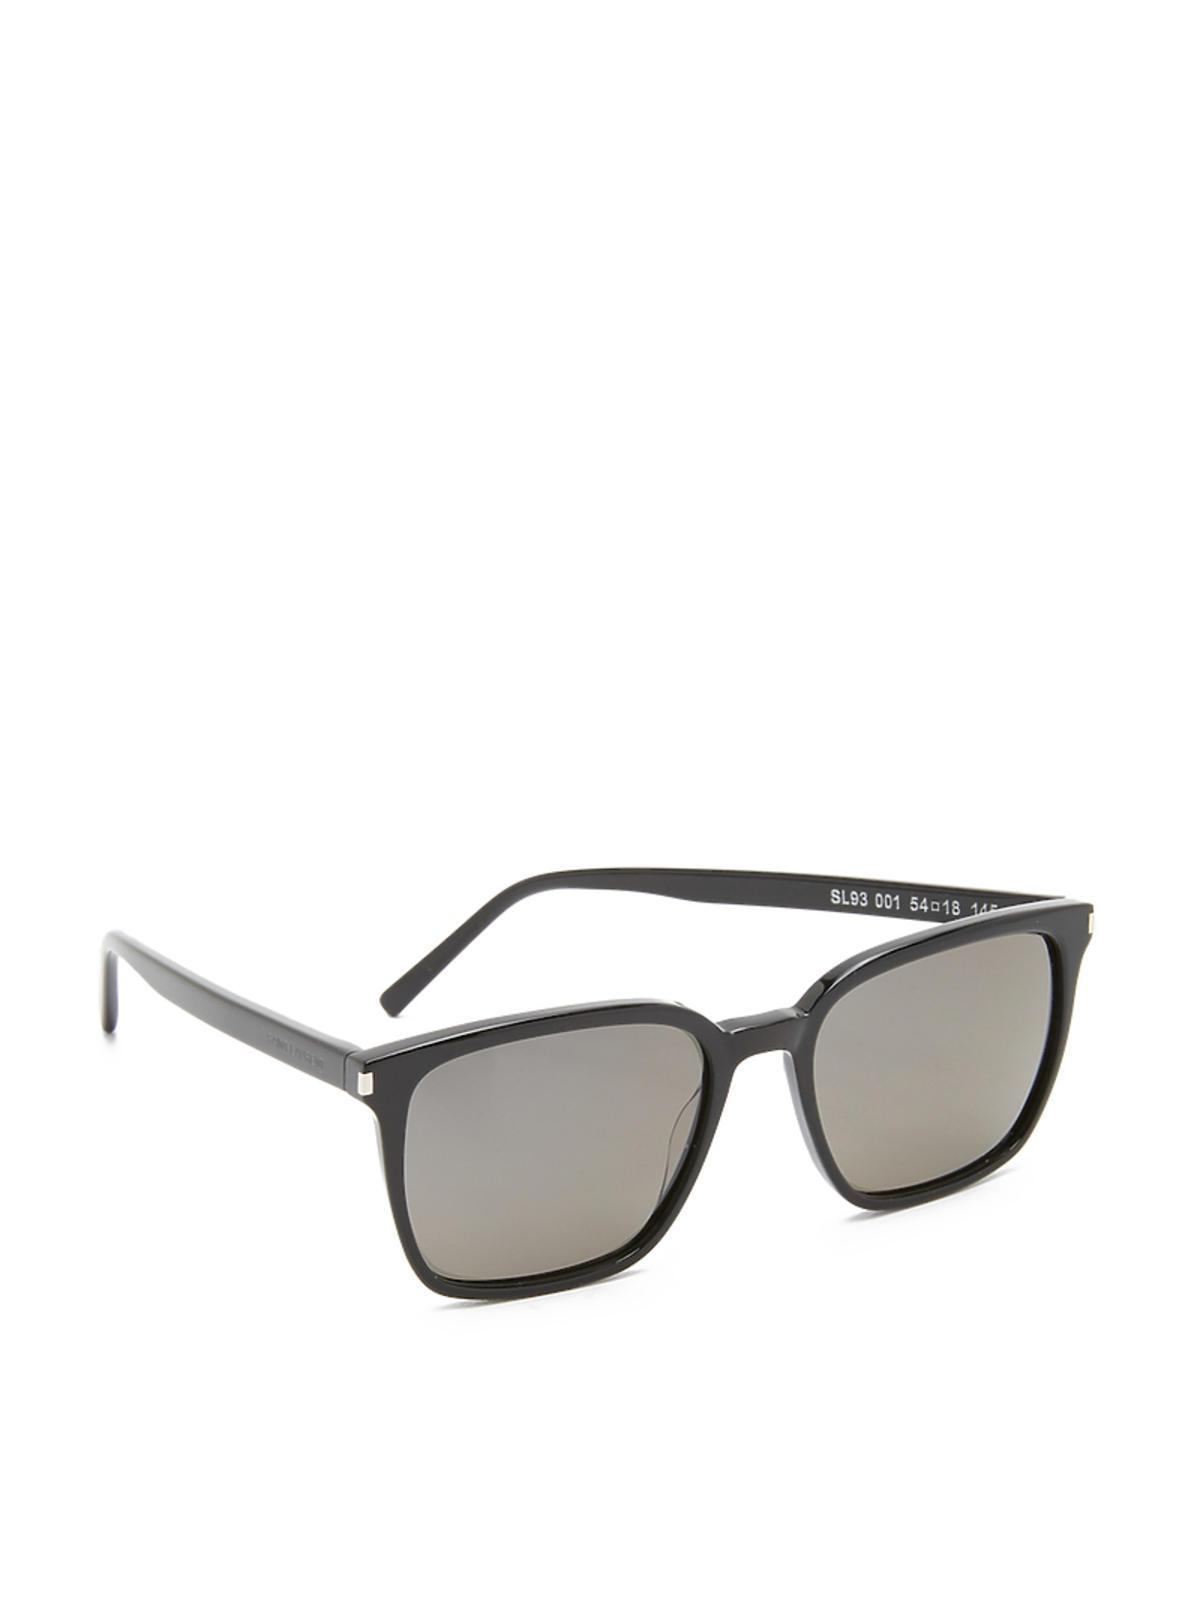 Okulary przeciwsłoneczne marki Saint Laurent, ok. 1300 zł